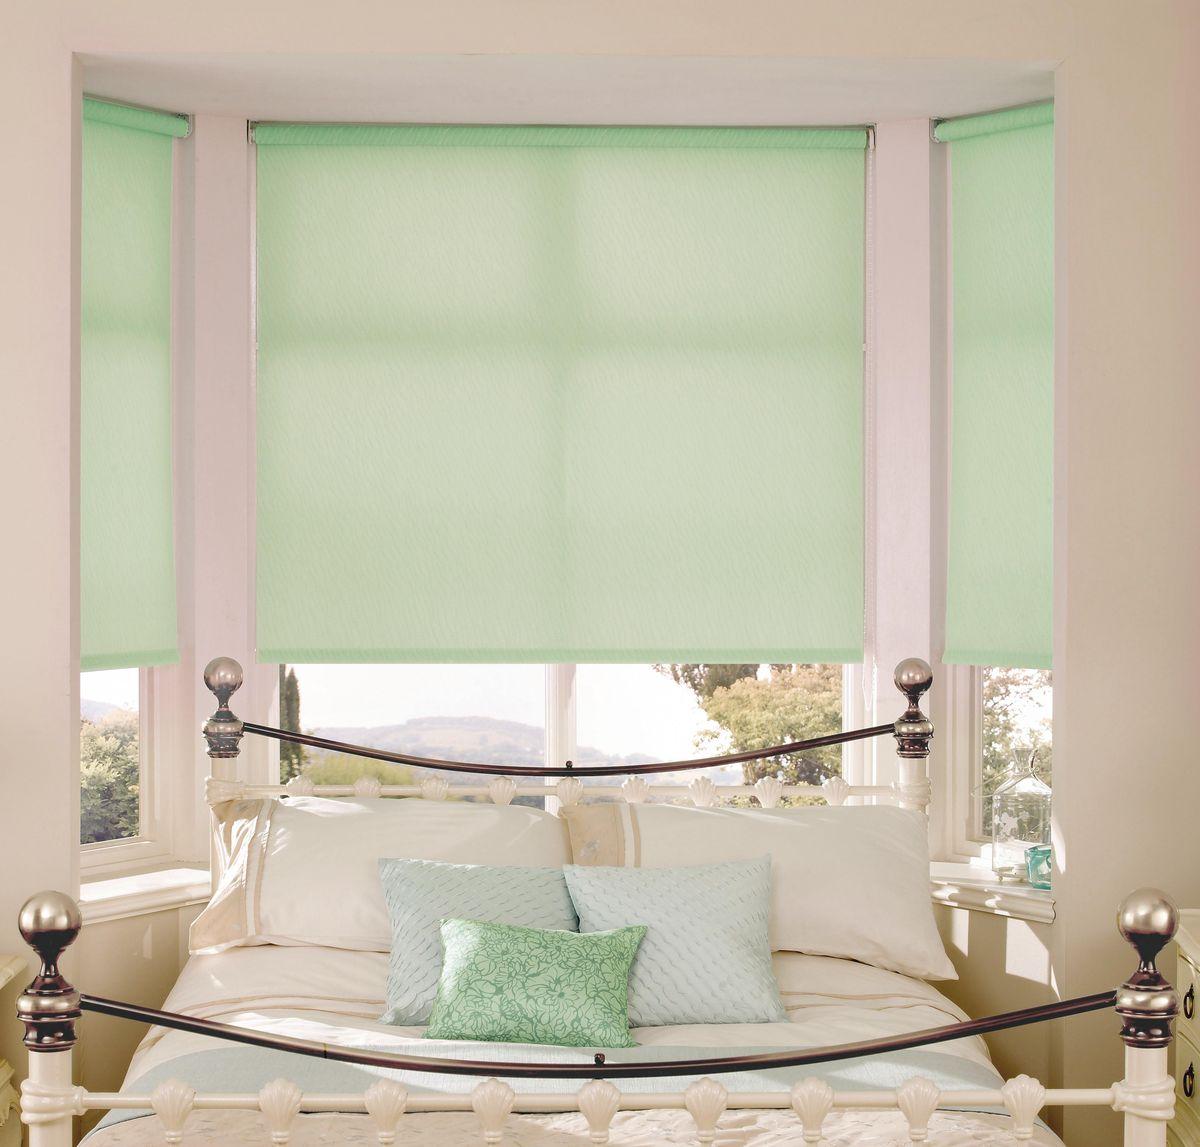 Штора рулонная Эскар, цвет: светло-зеленый, ширина 130 см, высота 170 см81017130170Рулонными шторами можно оформлять окна как самостоятельно, так и использовать в комбинации с портьерами. Это поможет предотвратить выгорание дорогой ткани на солнце и соединит функционал рулонных с красотой навесных.Преимущества применения рулонных штор для пластиковых окон:- имеют прекрасный внешний вид: многообразие и фактурность материала изделия отлично смотрятся в любом интерьере; - многофункциональны: есть возможность подобрать шторы способные эффективно защитить комнату от солнца, при этом о на не будет слишком темной. - Есть возможность осуществить быстрый монтаж. ВНИМАНИЕ! Размеры ширины изделия указаны по ширине ткани!Во время эксплуатации не рекомендуется полностью разматывать рулон, чтобы не оторвать ткань от намоточного вала.В случае загрязнения поверхности ткани, чистку шторы проводят одним из способов, в зависимости от типа загрязнения: легкое поверхностное загрязнение можно удалить при помощи канцелярского ластика; чистка от пыли производится сухим методом при помощи пылесоса с мягкой щеткой-насадкой; для удаления пятна используйте мягкую губку с пенообразующим неагрессивным моющим средством или пятновыводитель на натуральной основе (нельзя применять растворители).